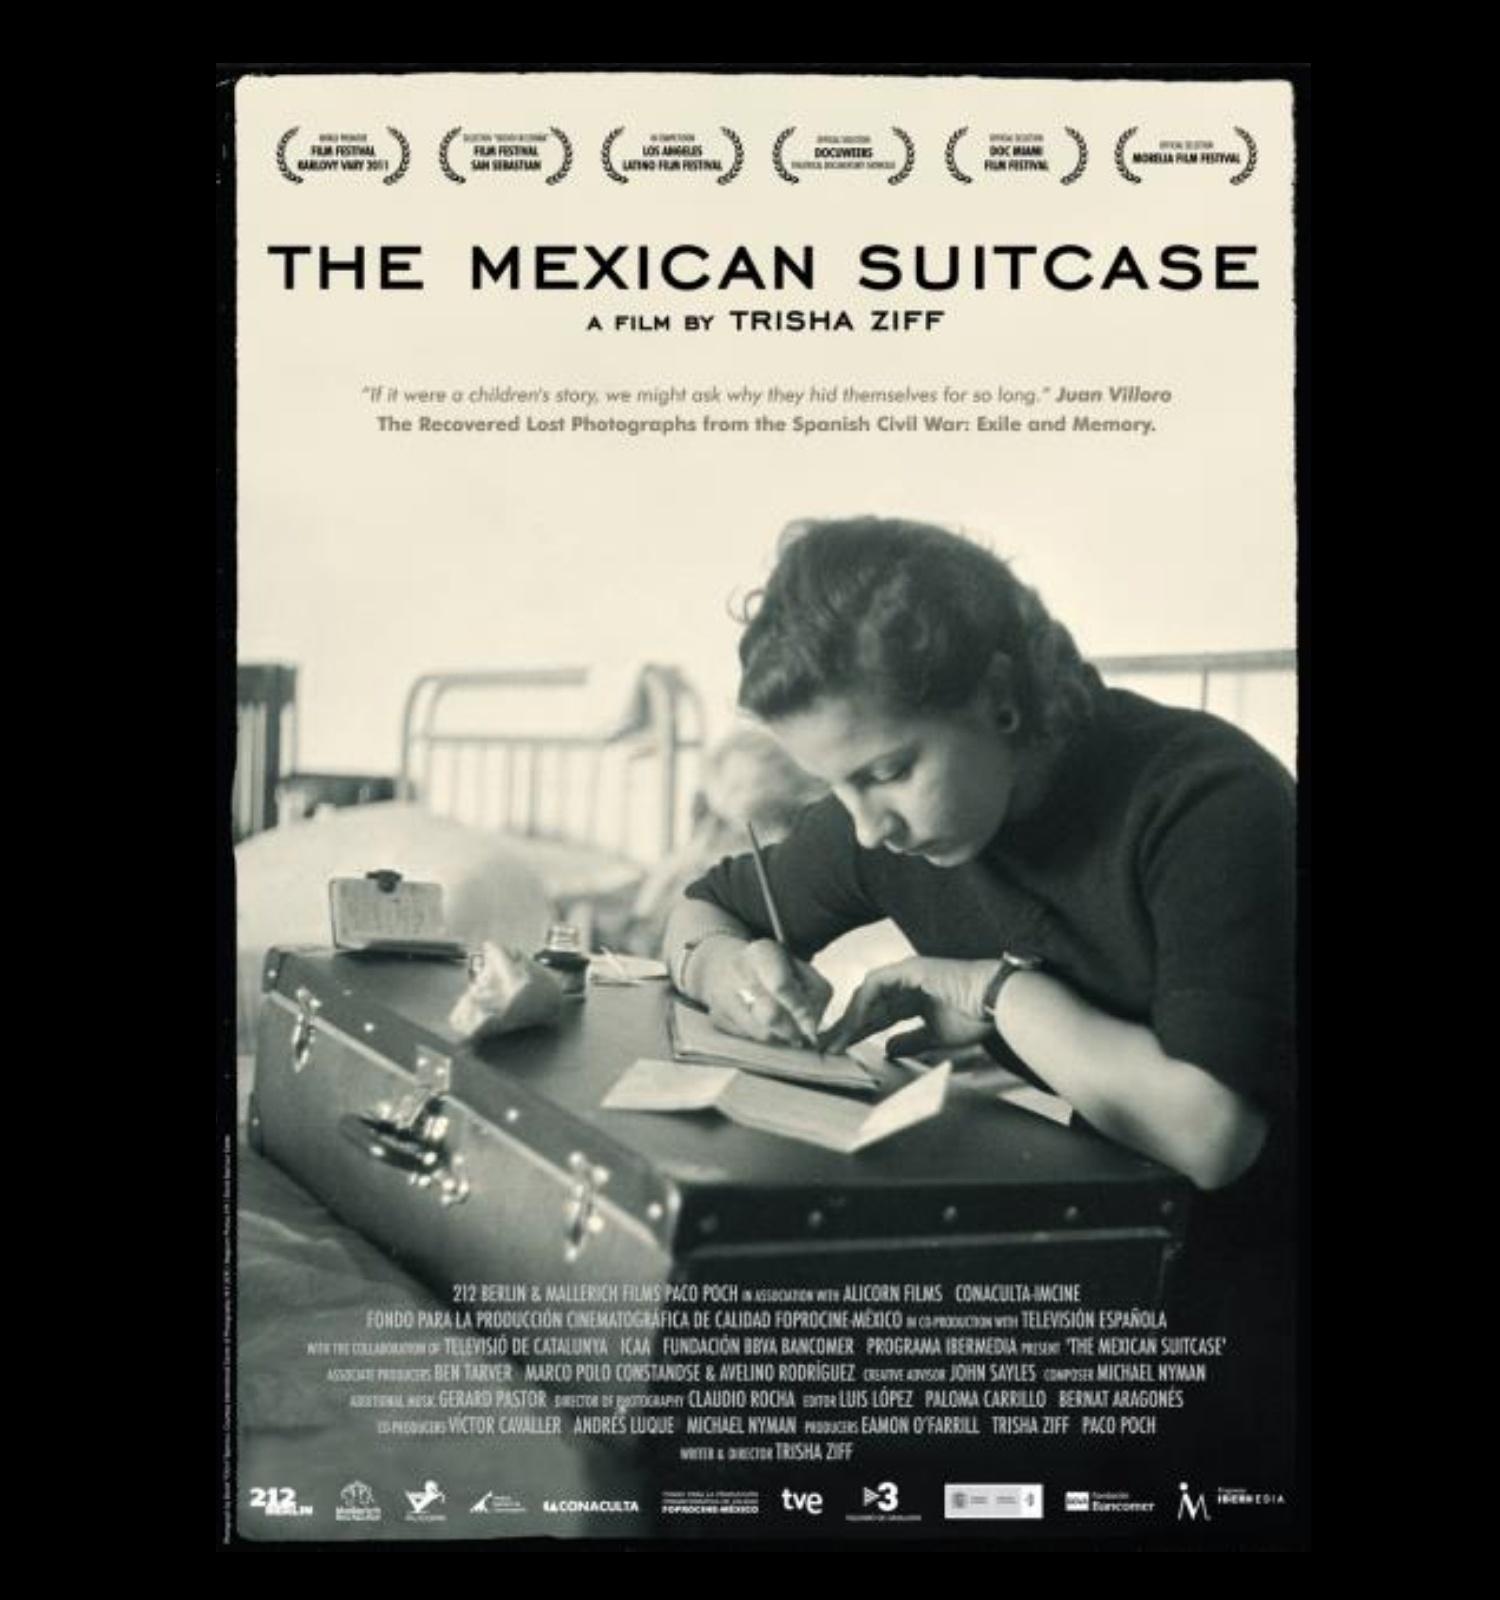 Projecció de La maleta mexicana (Trisha Ziff, 2011)